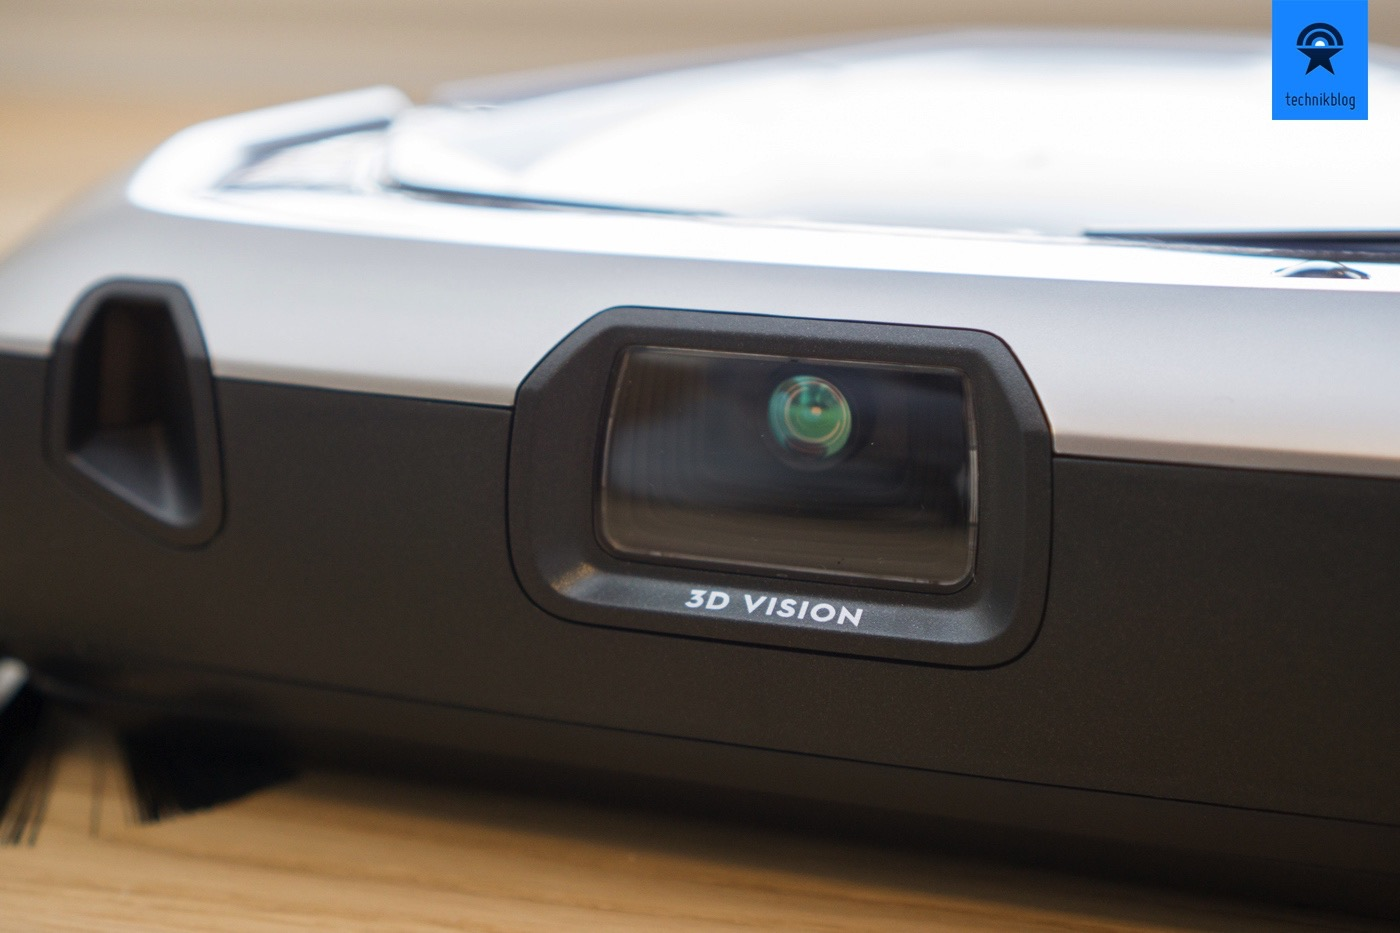 3D Vision Kamera mit zwei Lasersensoren zur Hindernisserkennung